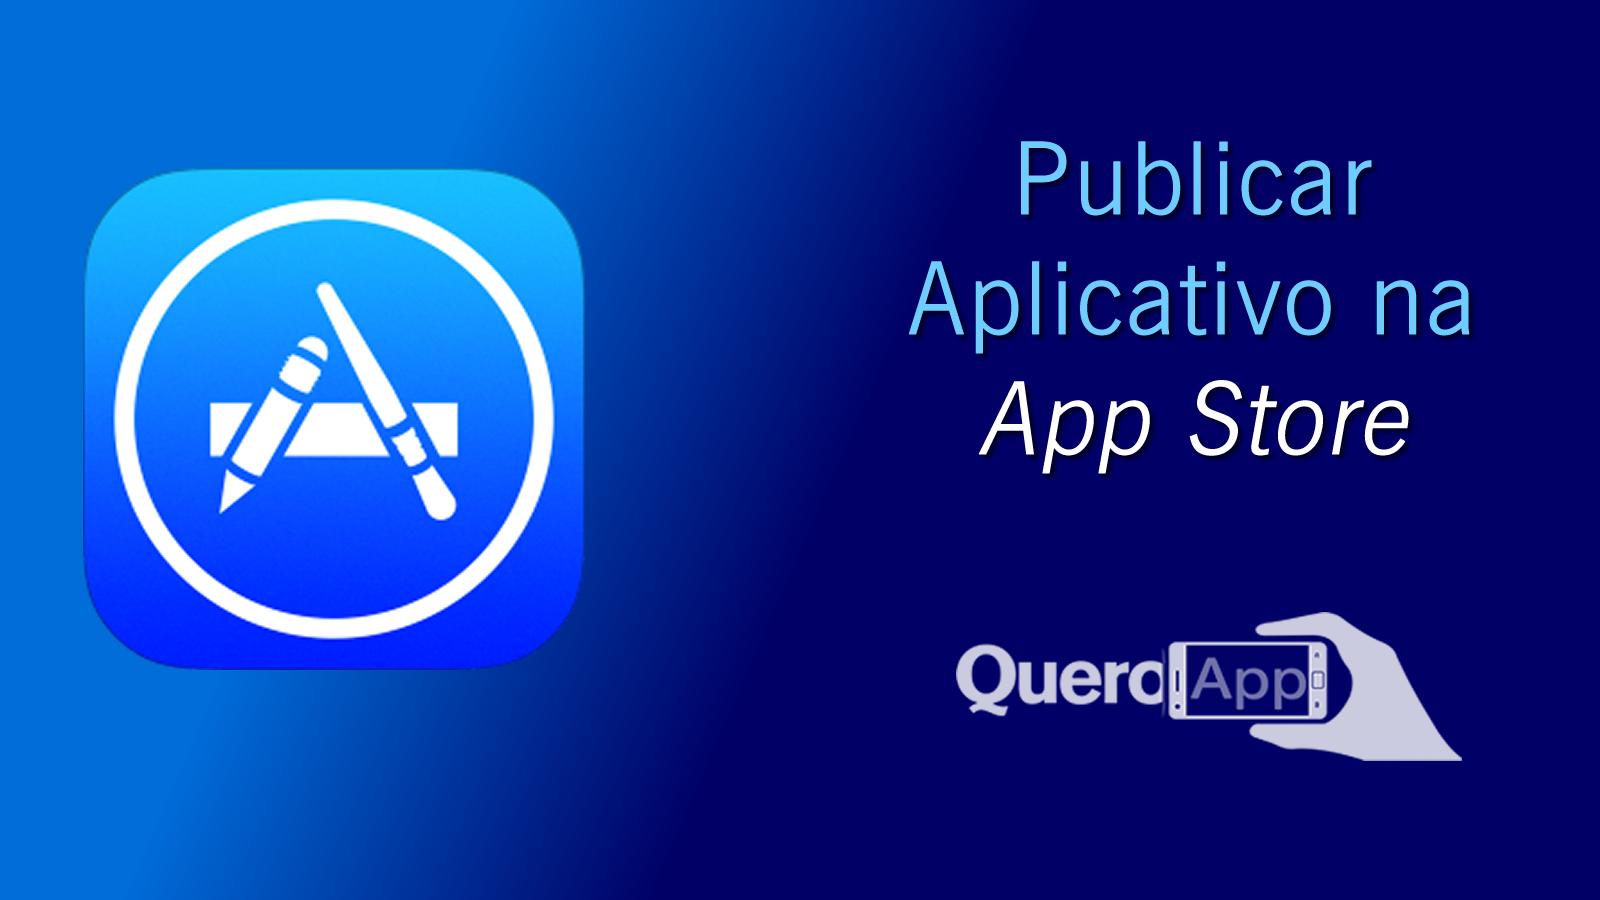 Como publicar um aplicativo na App Store?